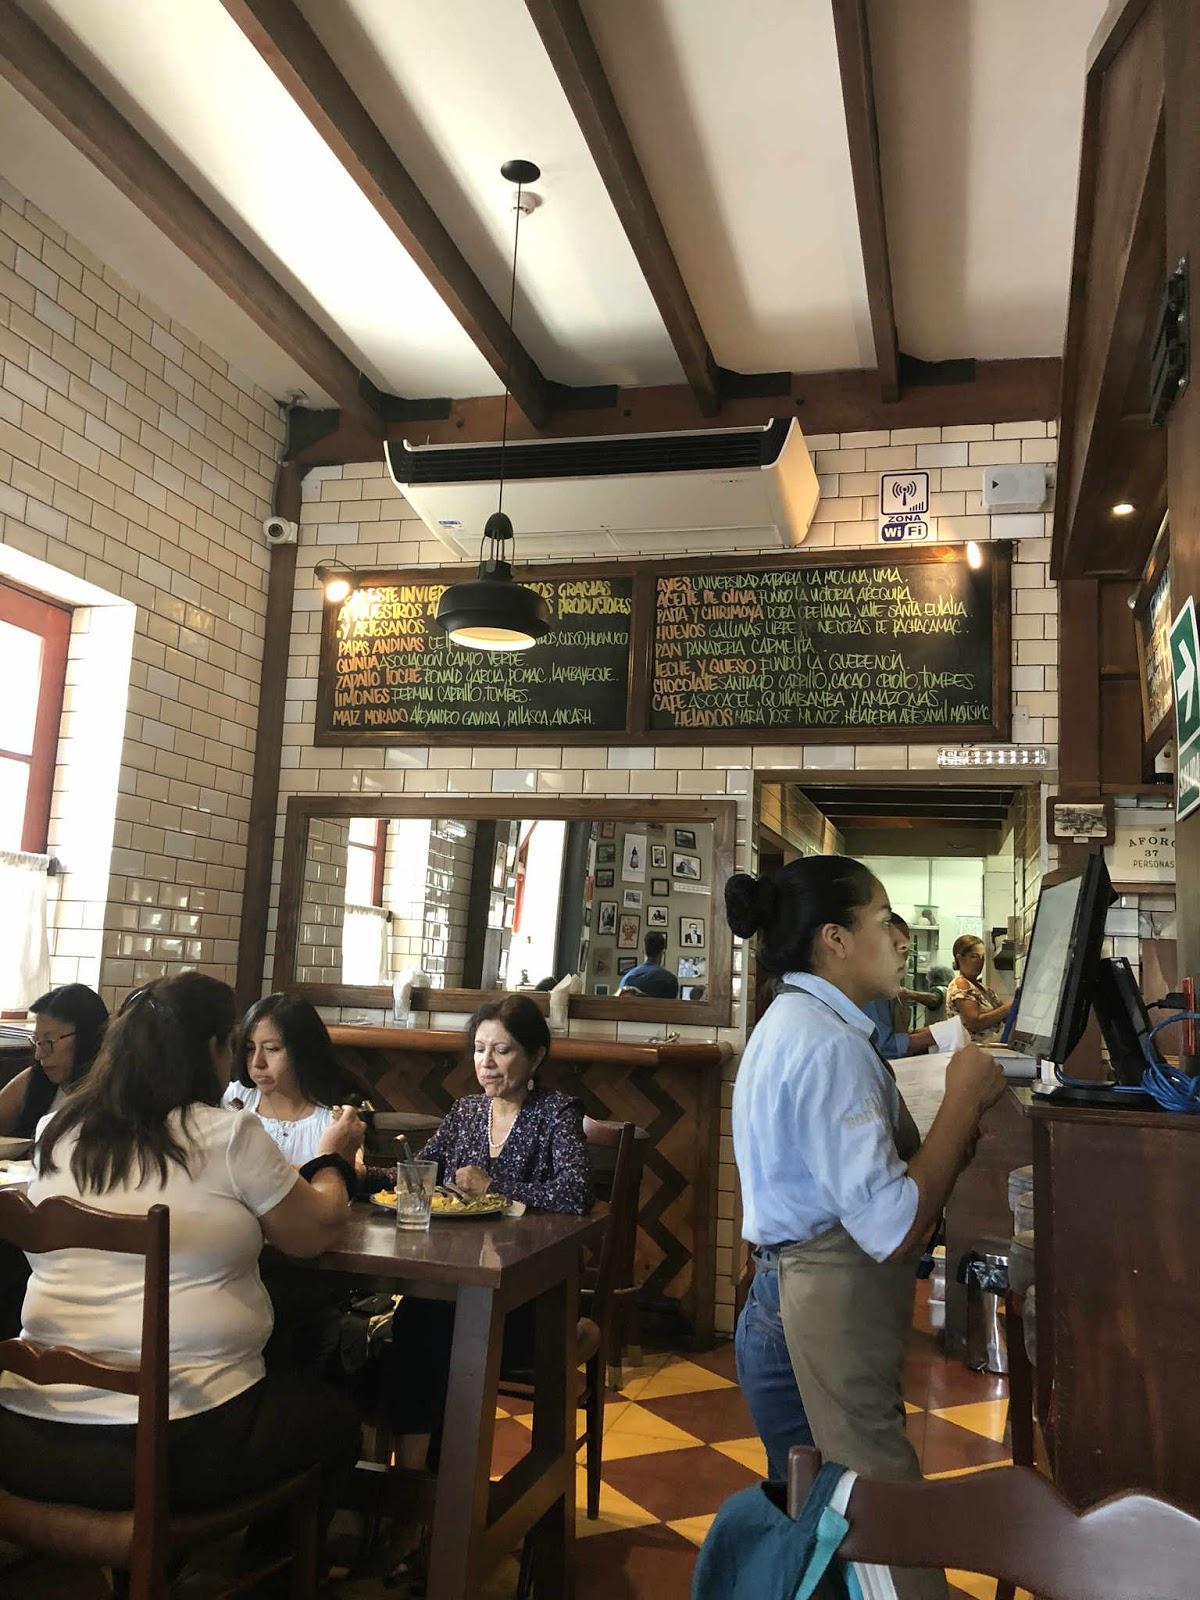 Restaurante El Bodegon Lima